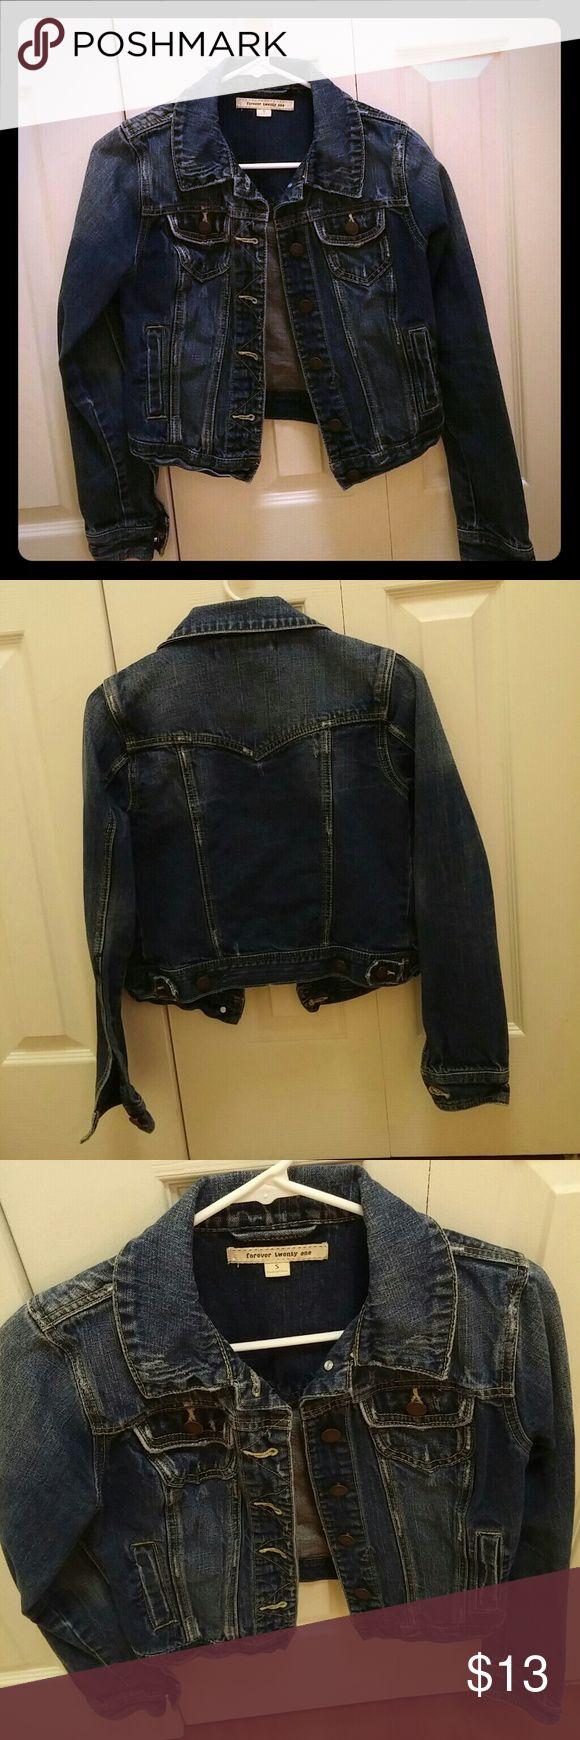 Jean jacket Dark denim jean jacket Forever 21 Jackets & Coats Jean Jackets